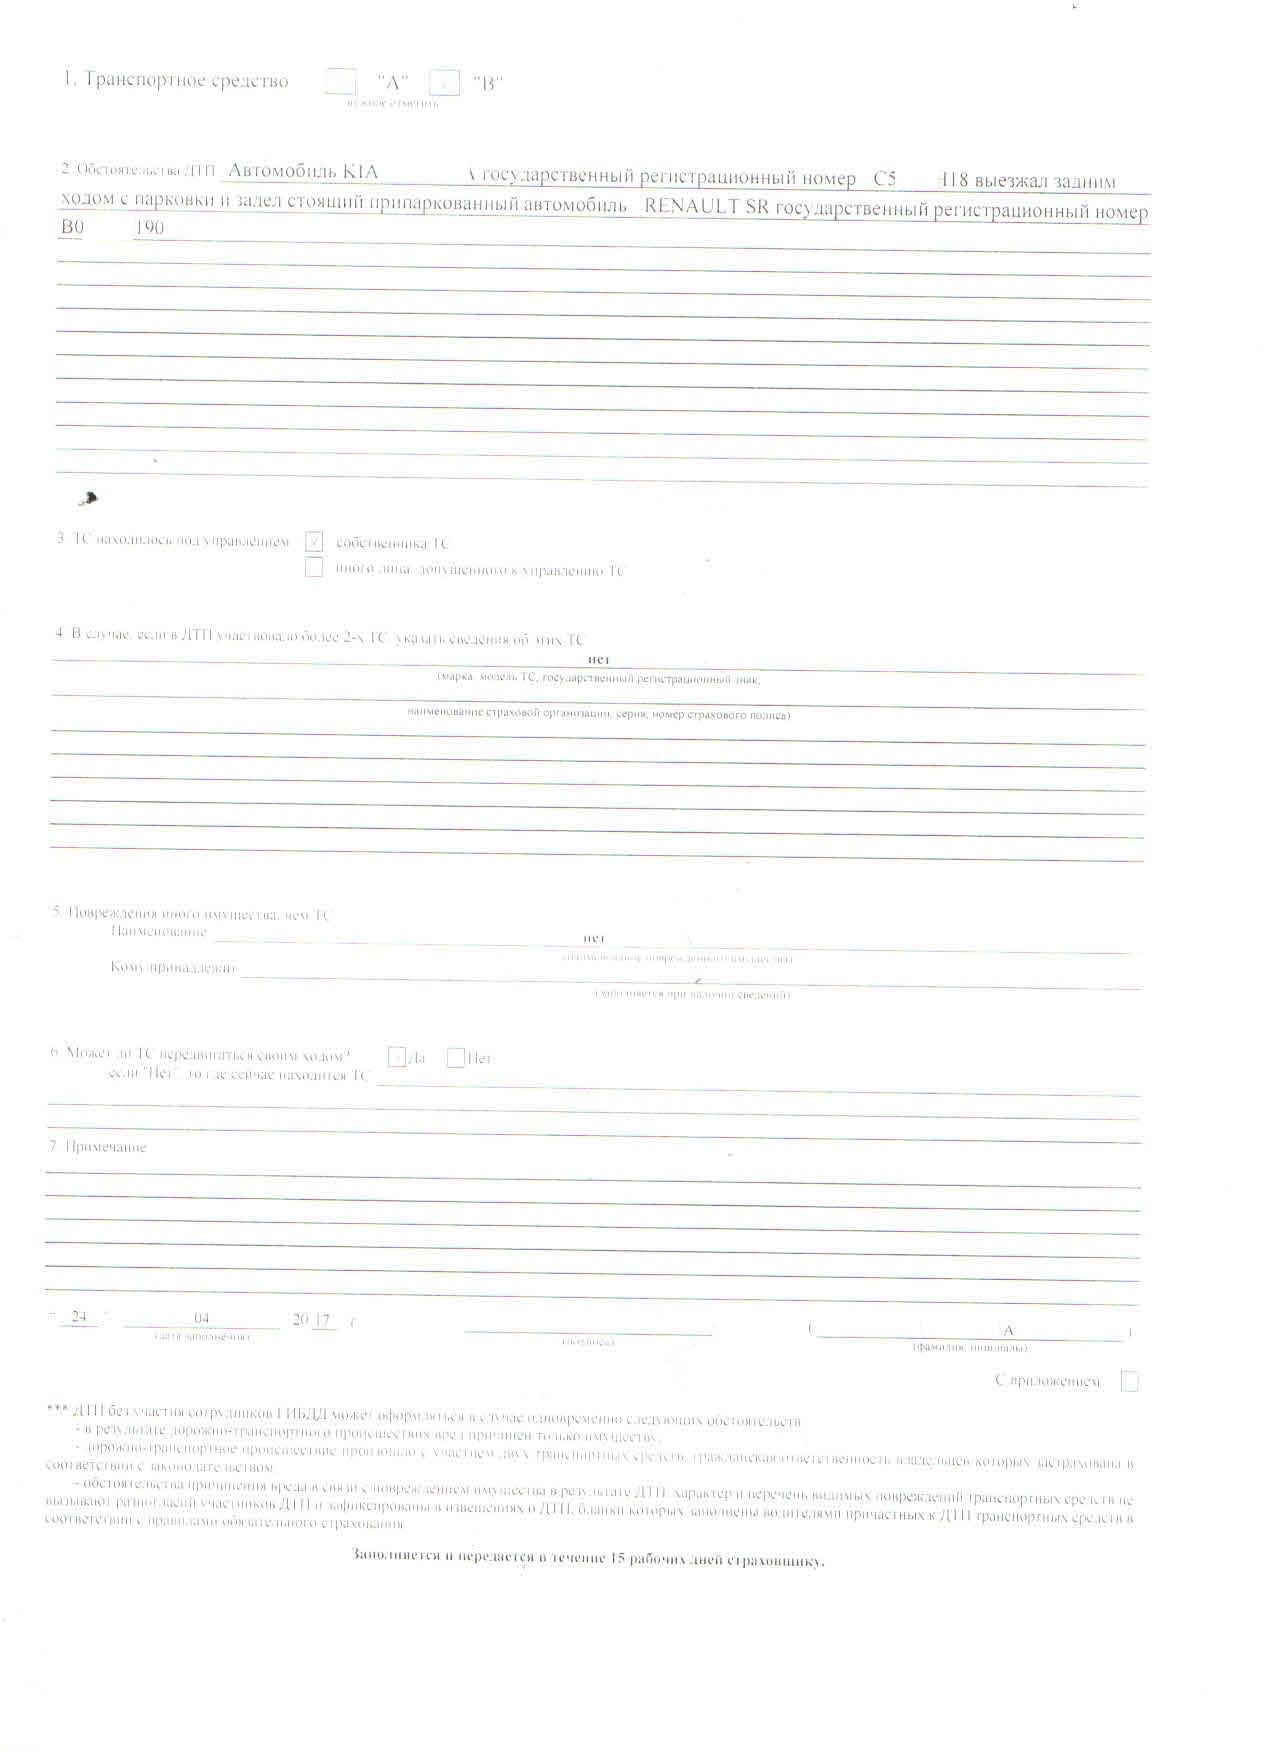 Образец заполнения европротокола скан 2